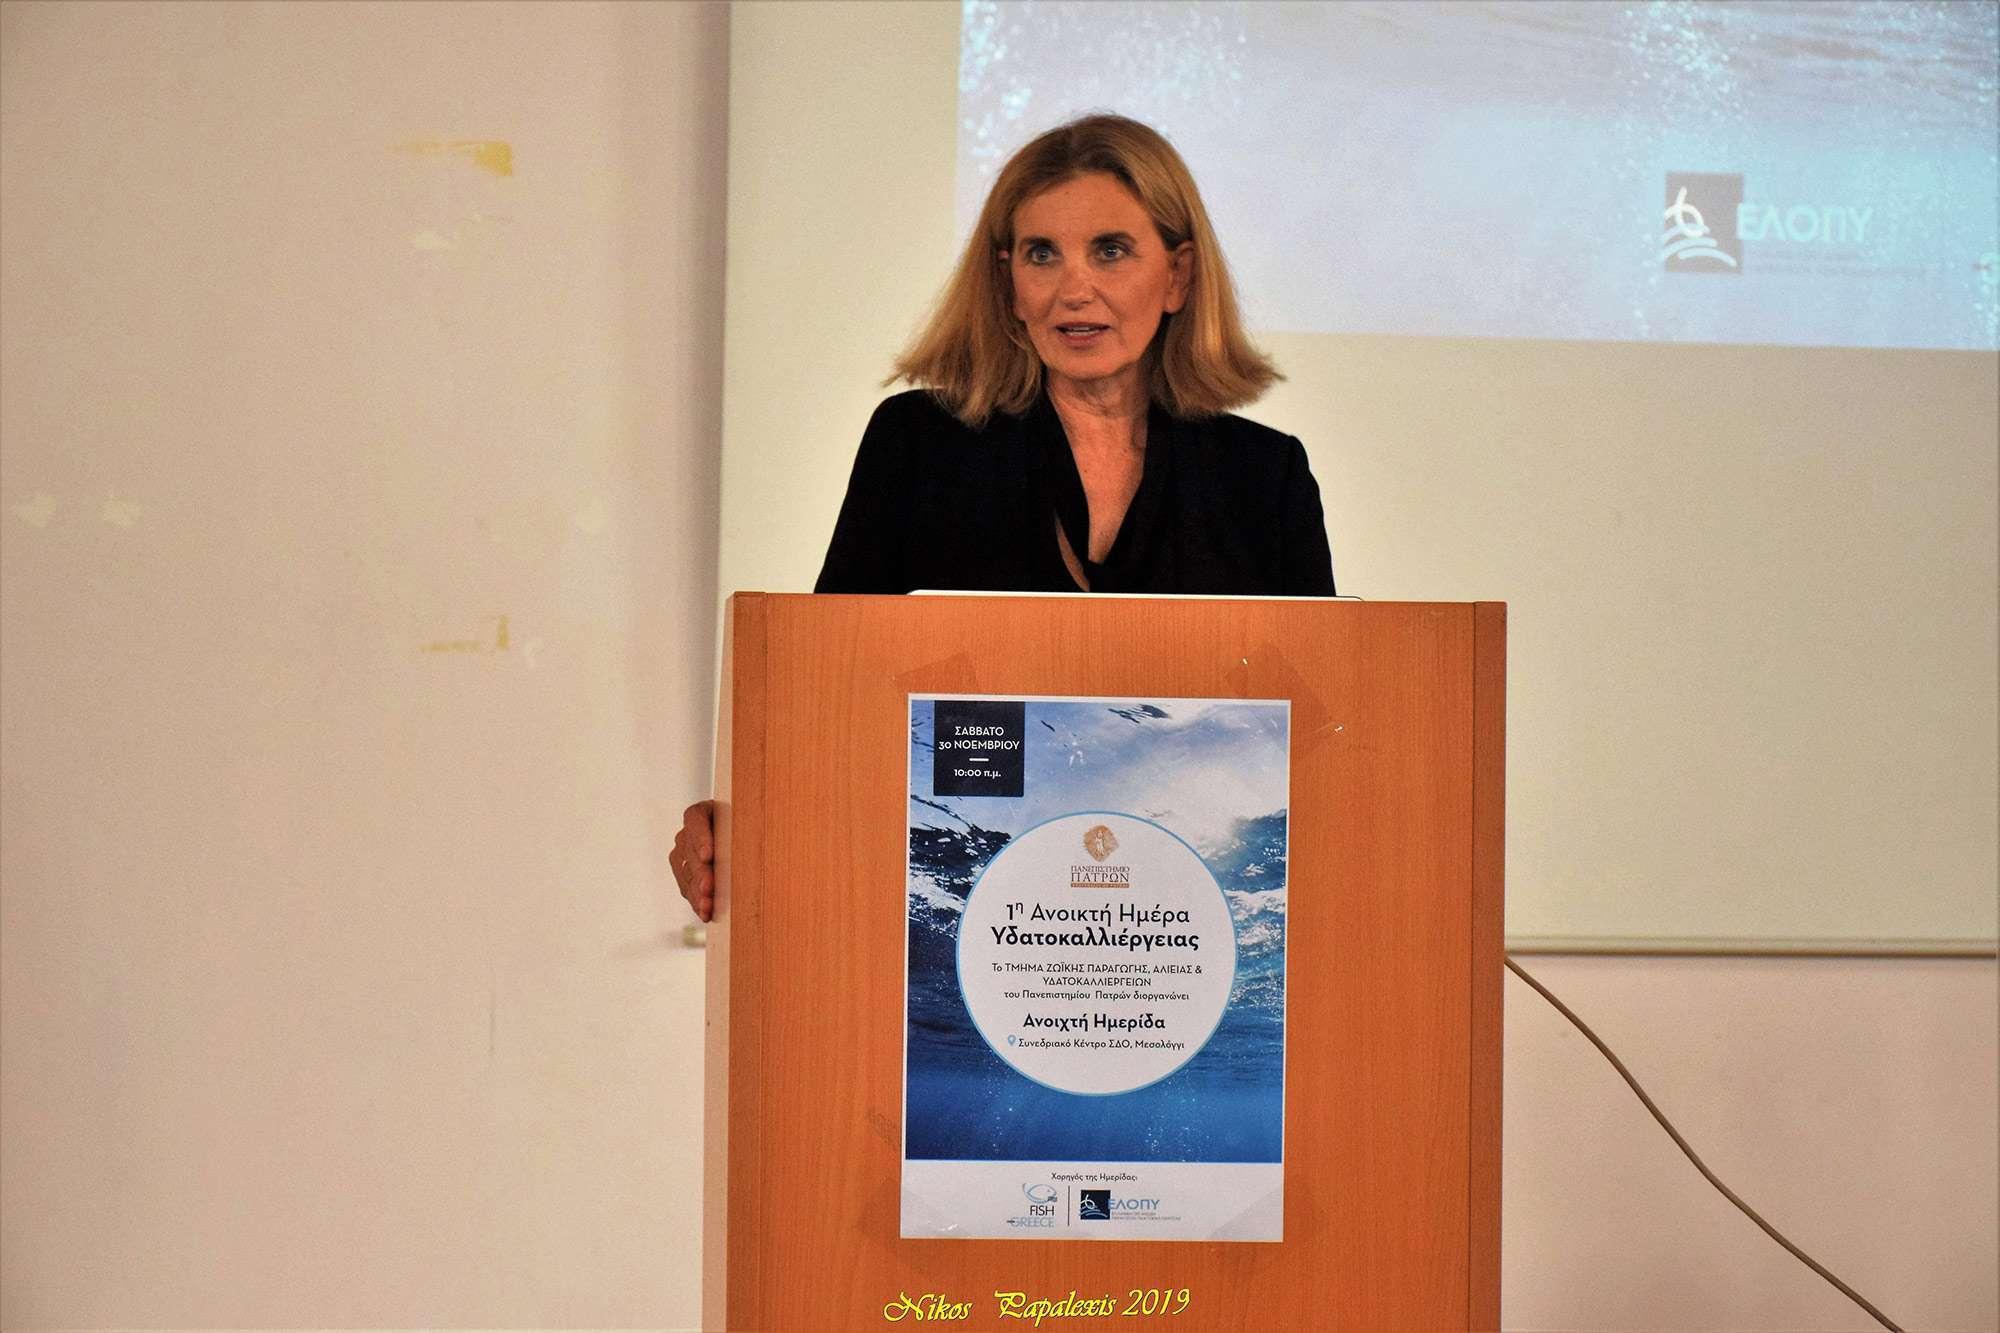 Ισμήνη Μπογδάνου - Διευθύντρια Μάρκετινγκ και Επικοινωνίας ΕΛΟΠΥ